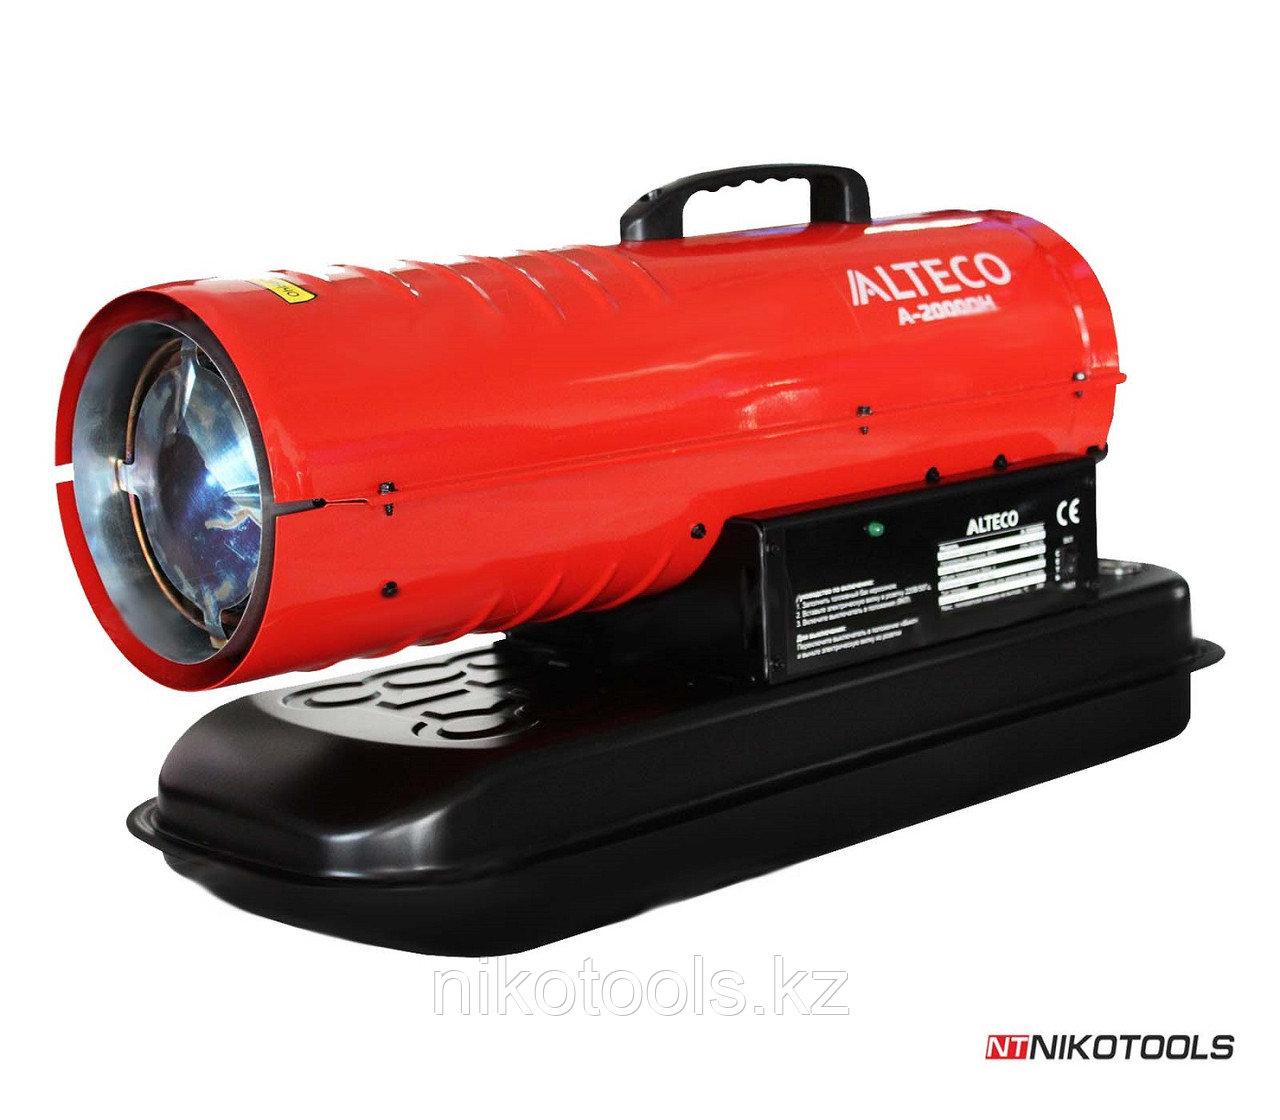 Нагреватель на жидком топливе ALTECO A-2000DH (13 кВт)